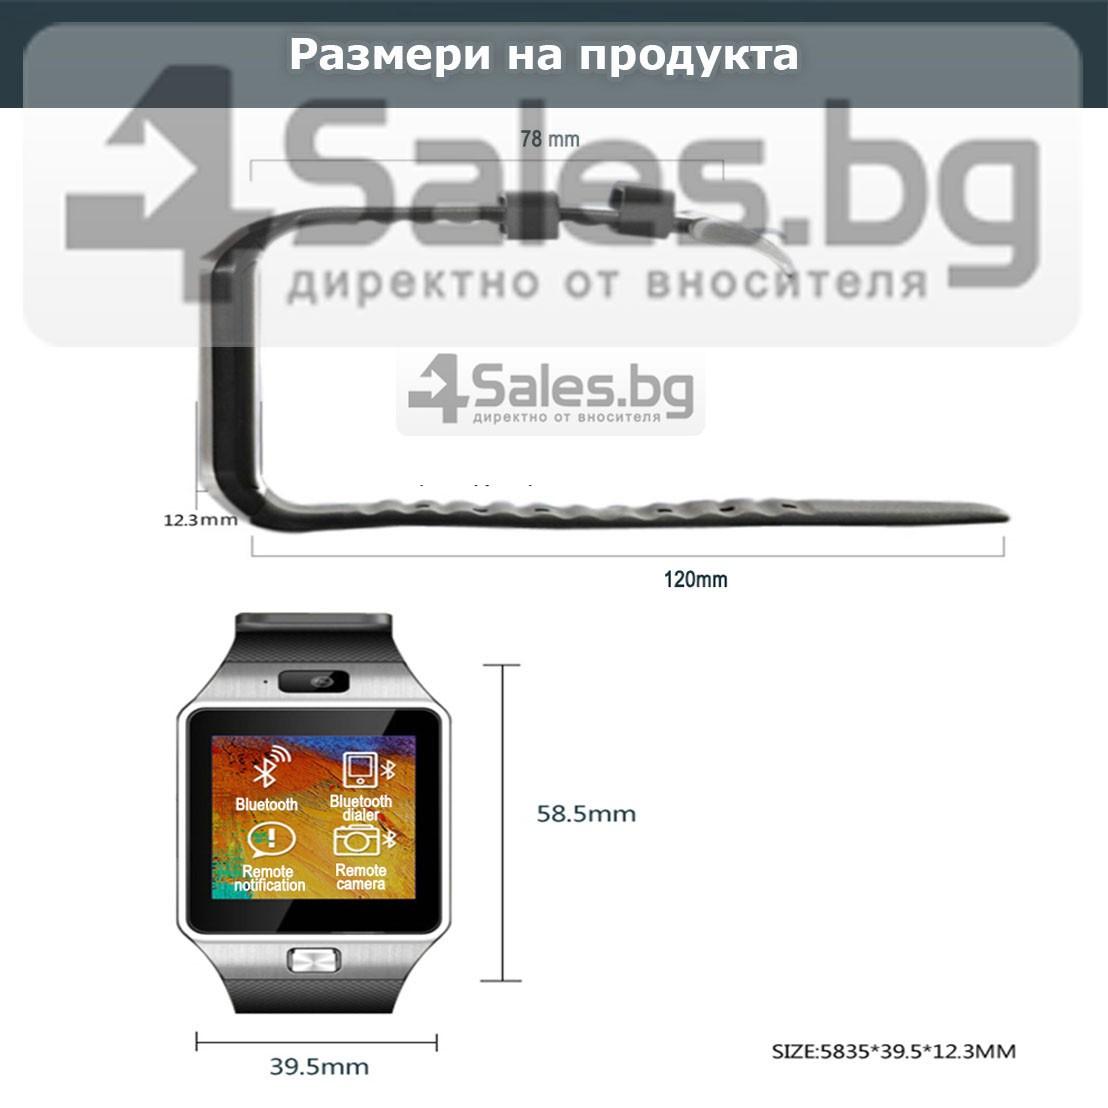 Смарт Часовник телефон с камера и сим карта Оригинален продукт dz09 на Български 41